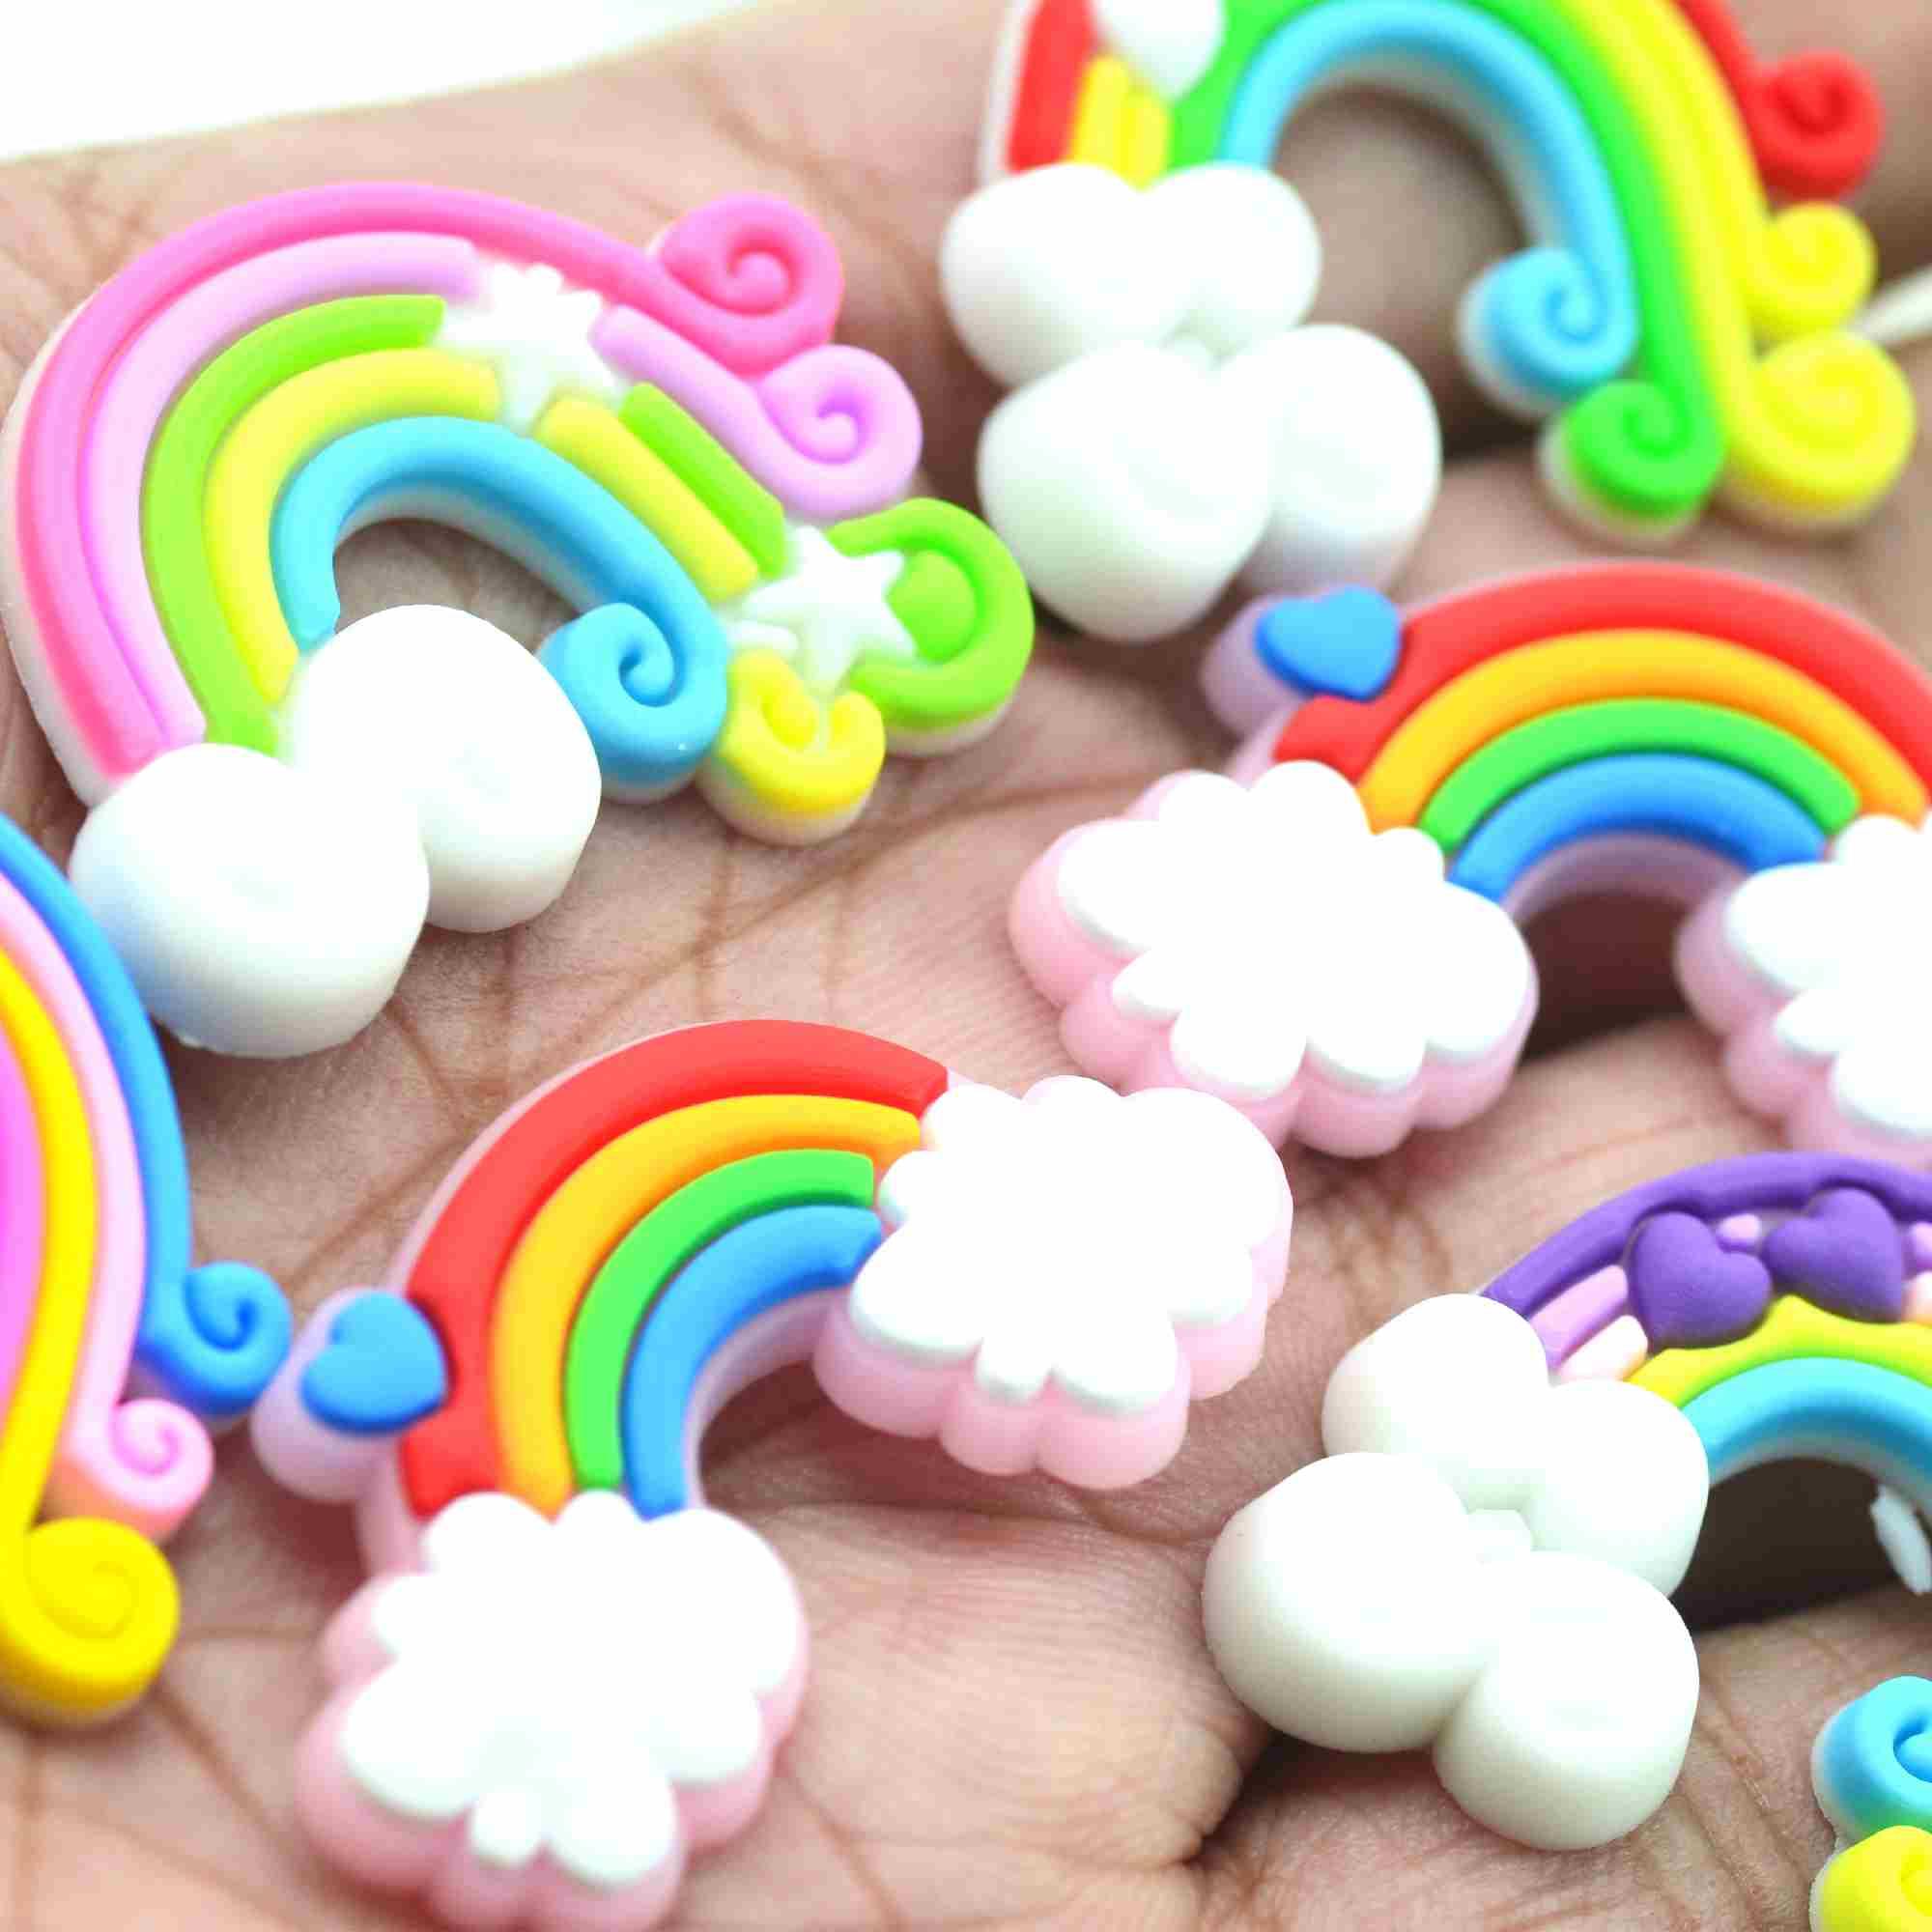 20 шт. разноцветные мягкие резиновые плоские радужные кабошоны | Украшение для свадебвечерние | Топперы для торта | Товары для рукоделия Baby ...